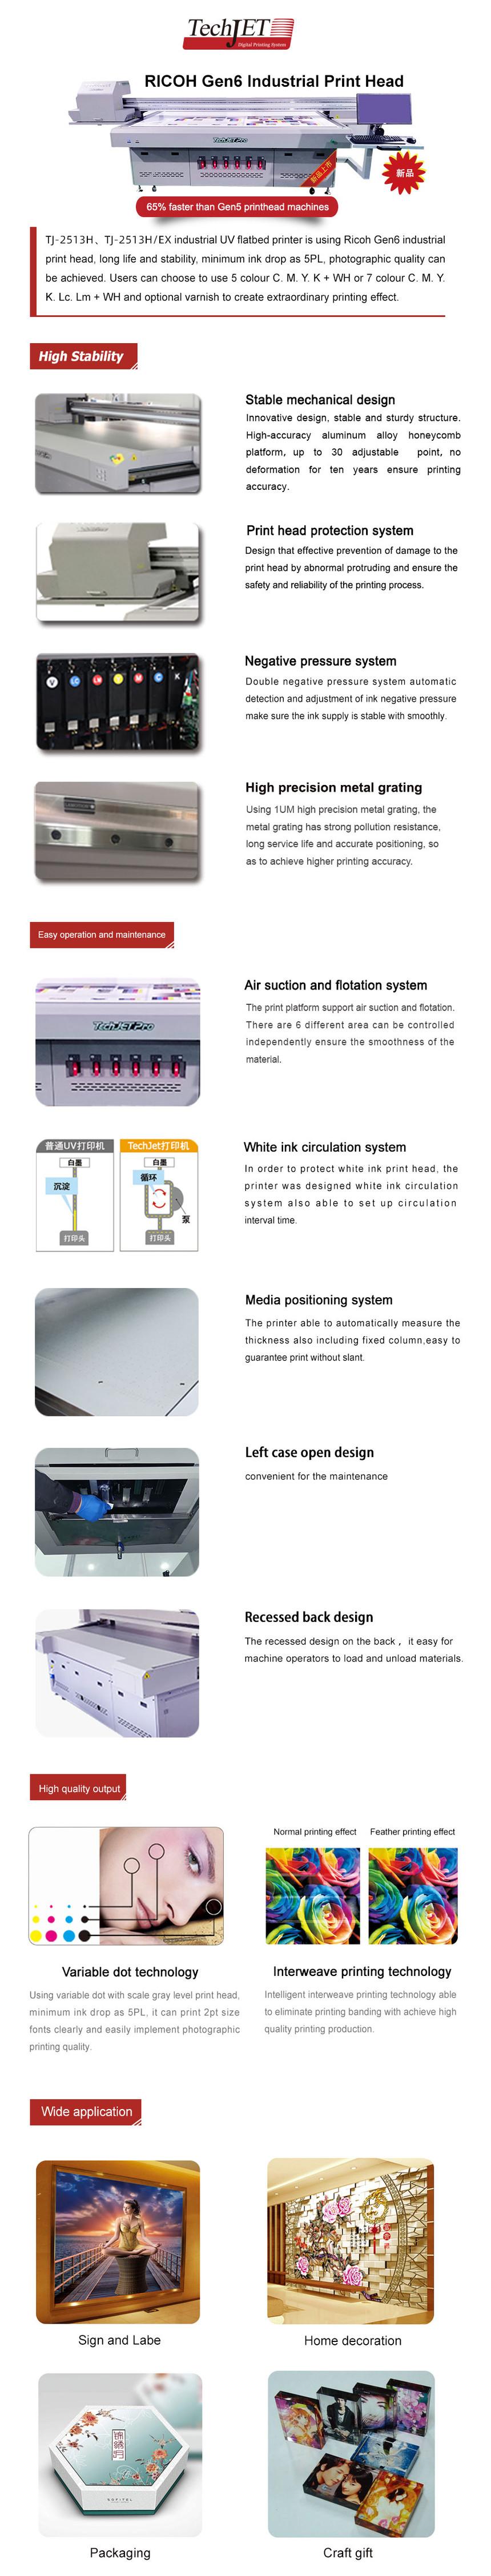 TJ-2513H和2513HEX英文產品說明微信版.jpg